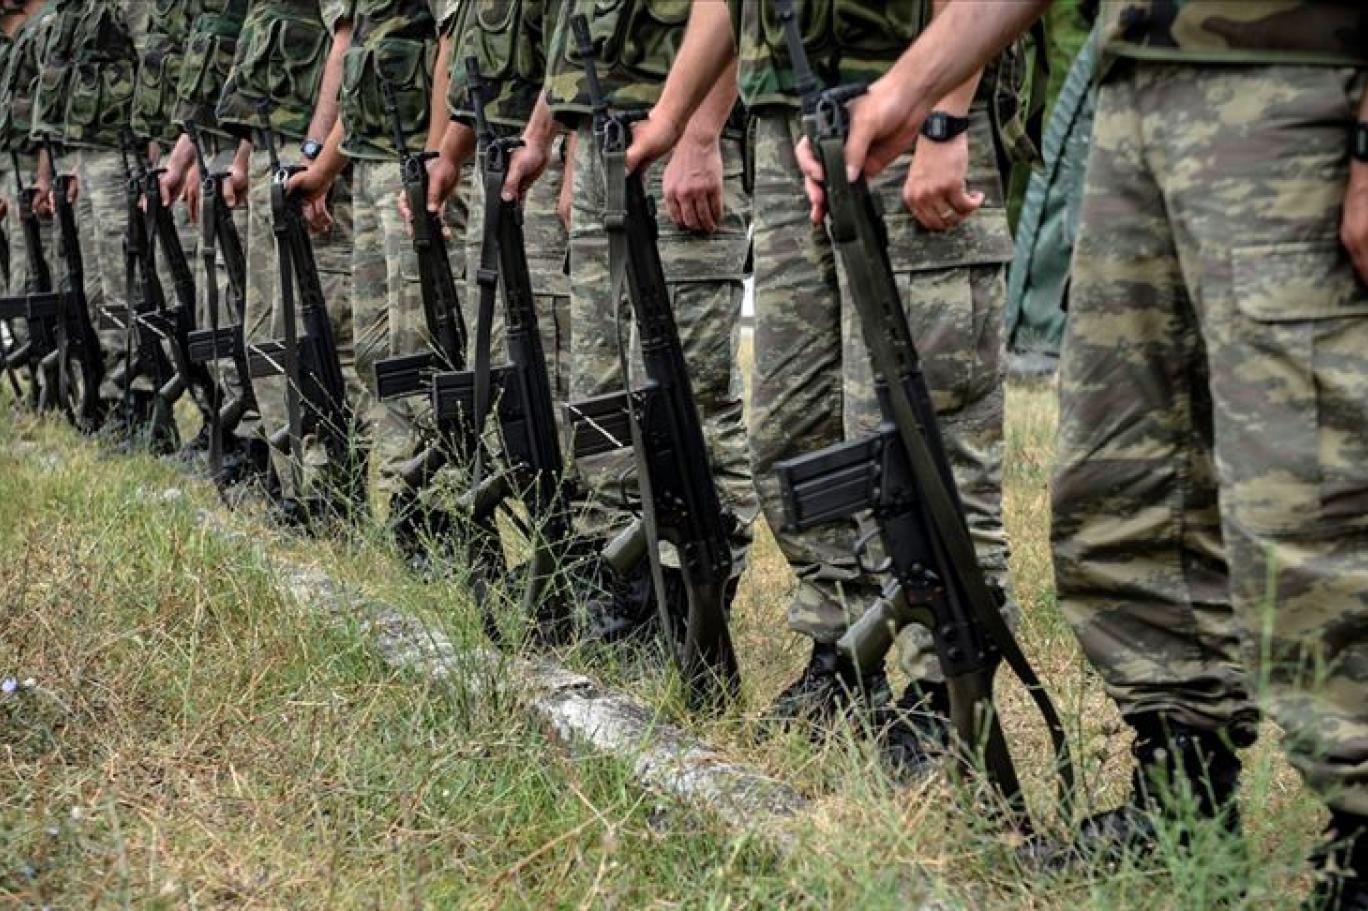 Türkiye, Libya'ya destek için paralı askerlerin görev yapacağı özel bir şirket mi kuracak? Erdoğan'ın başdanışmanı konuştu